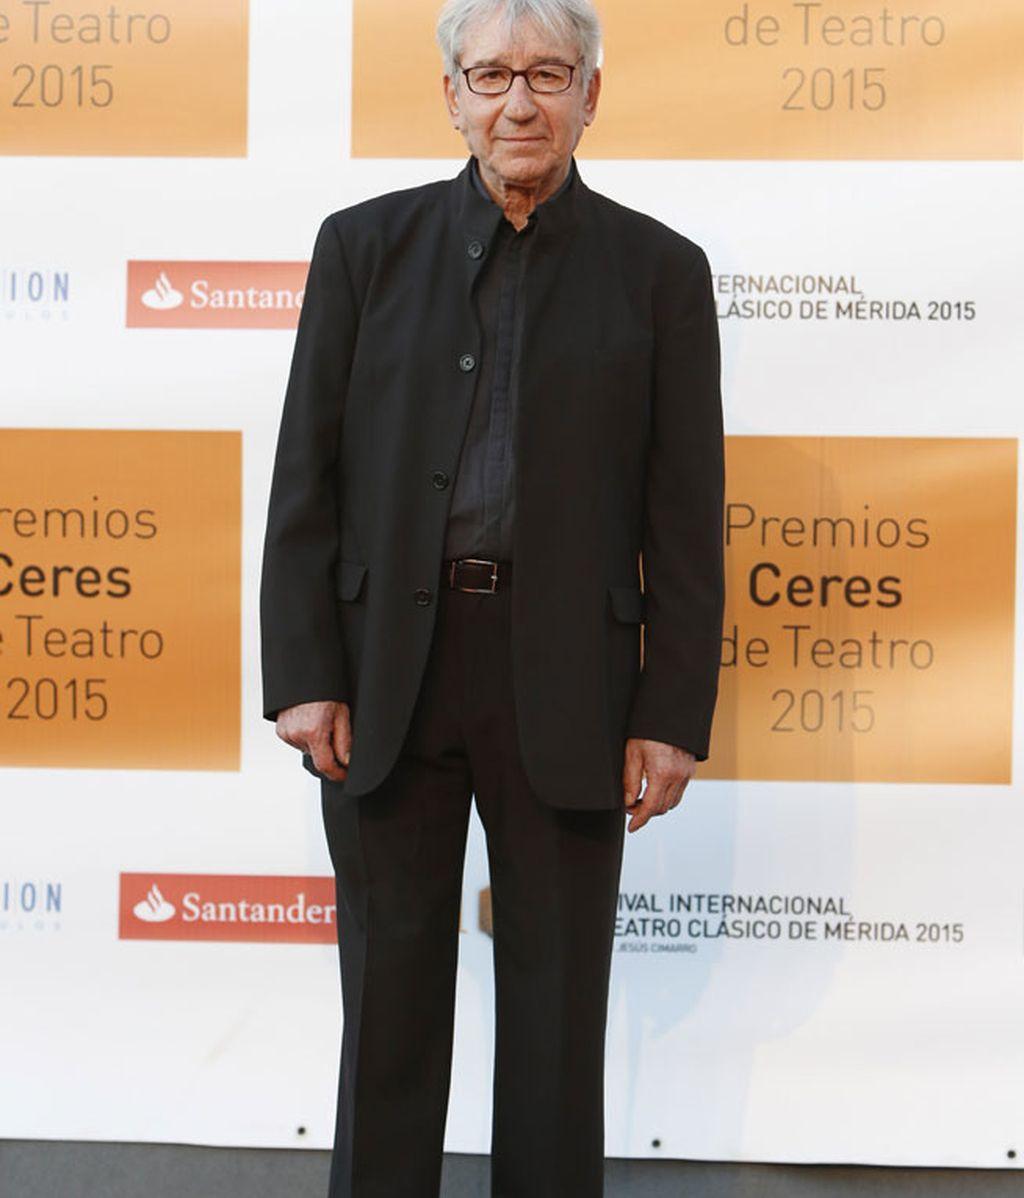 José Sacristán recogió el premio 'Emerita Augusta' a su trayectoria